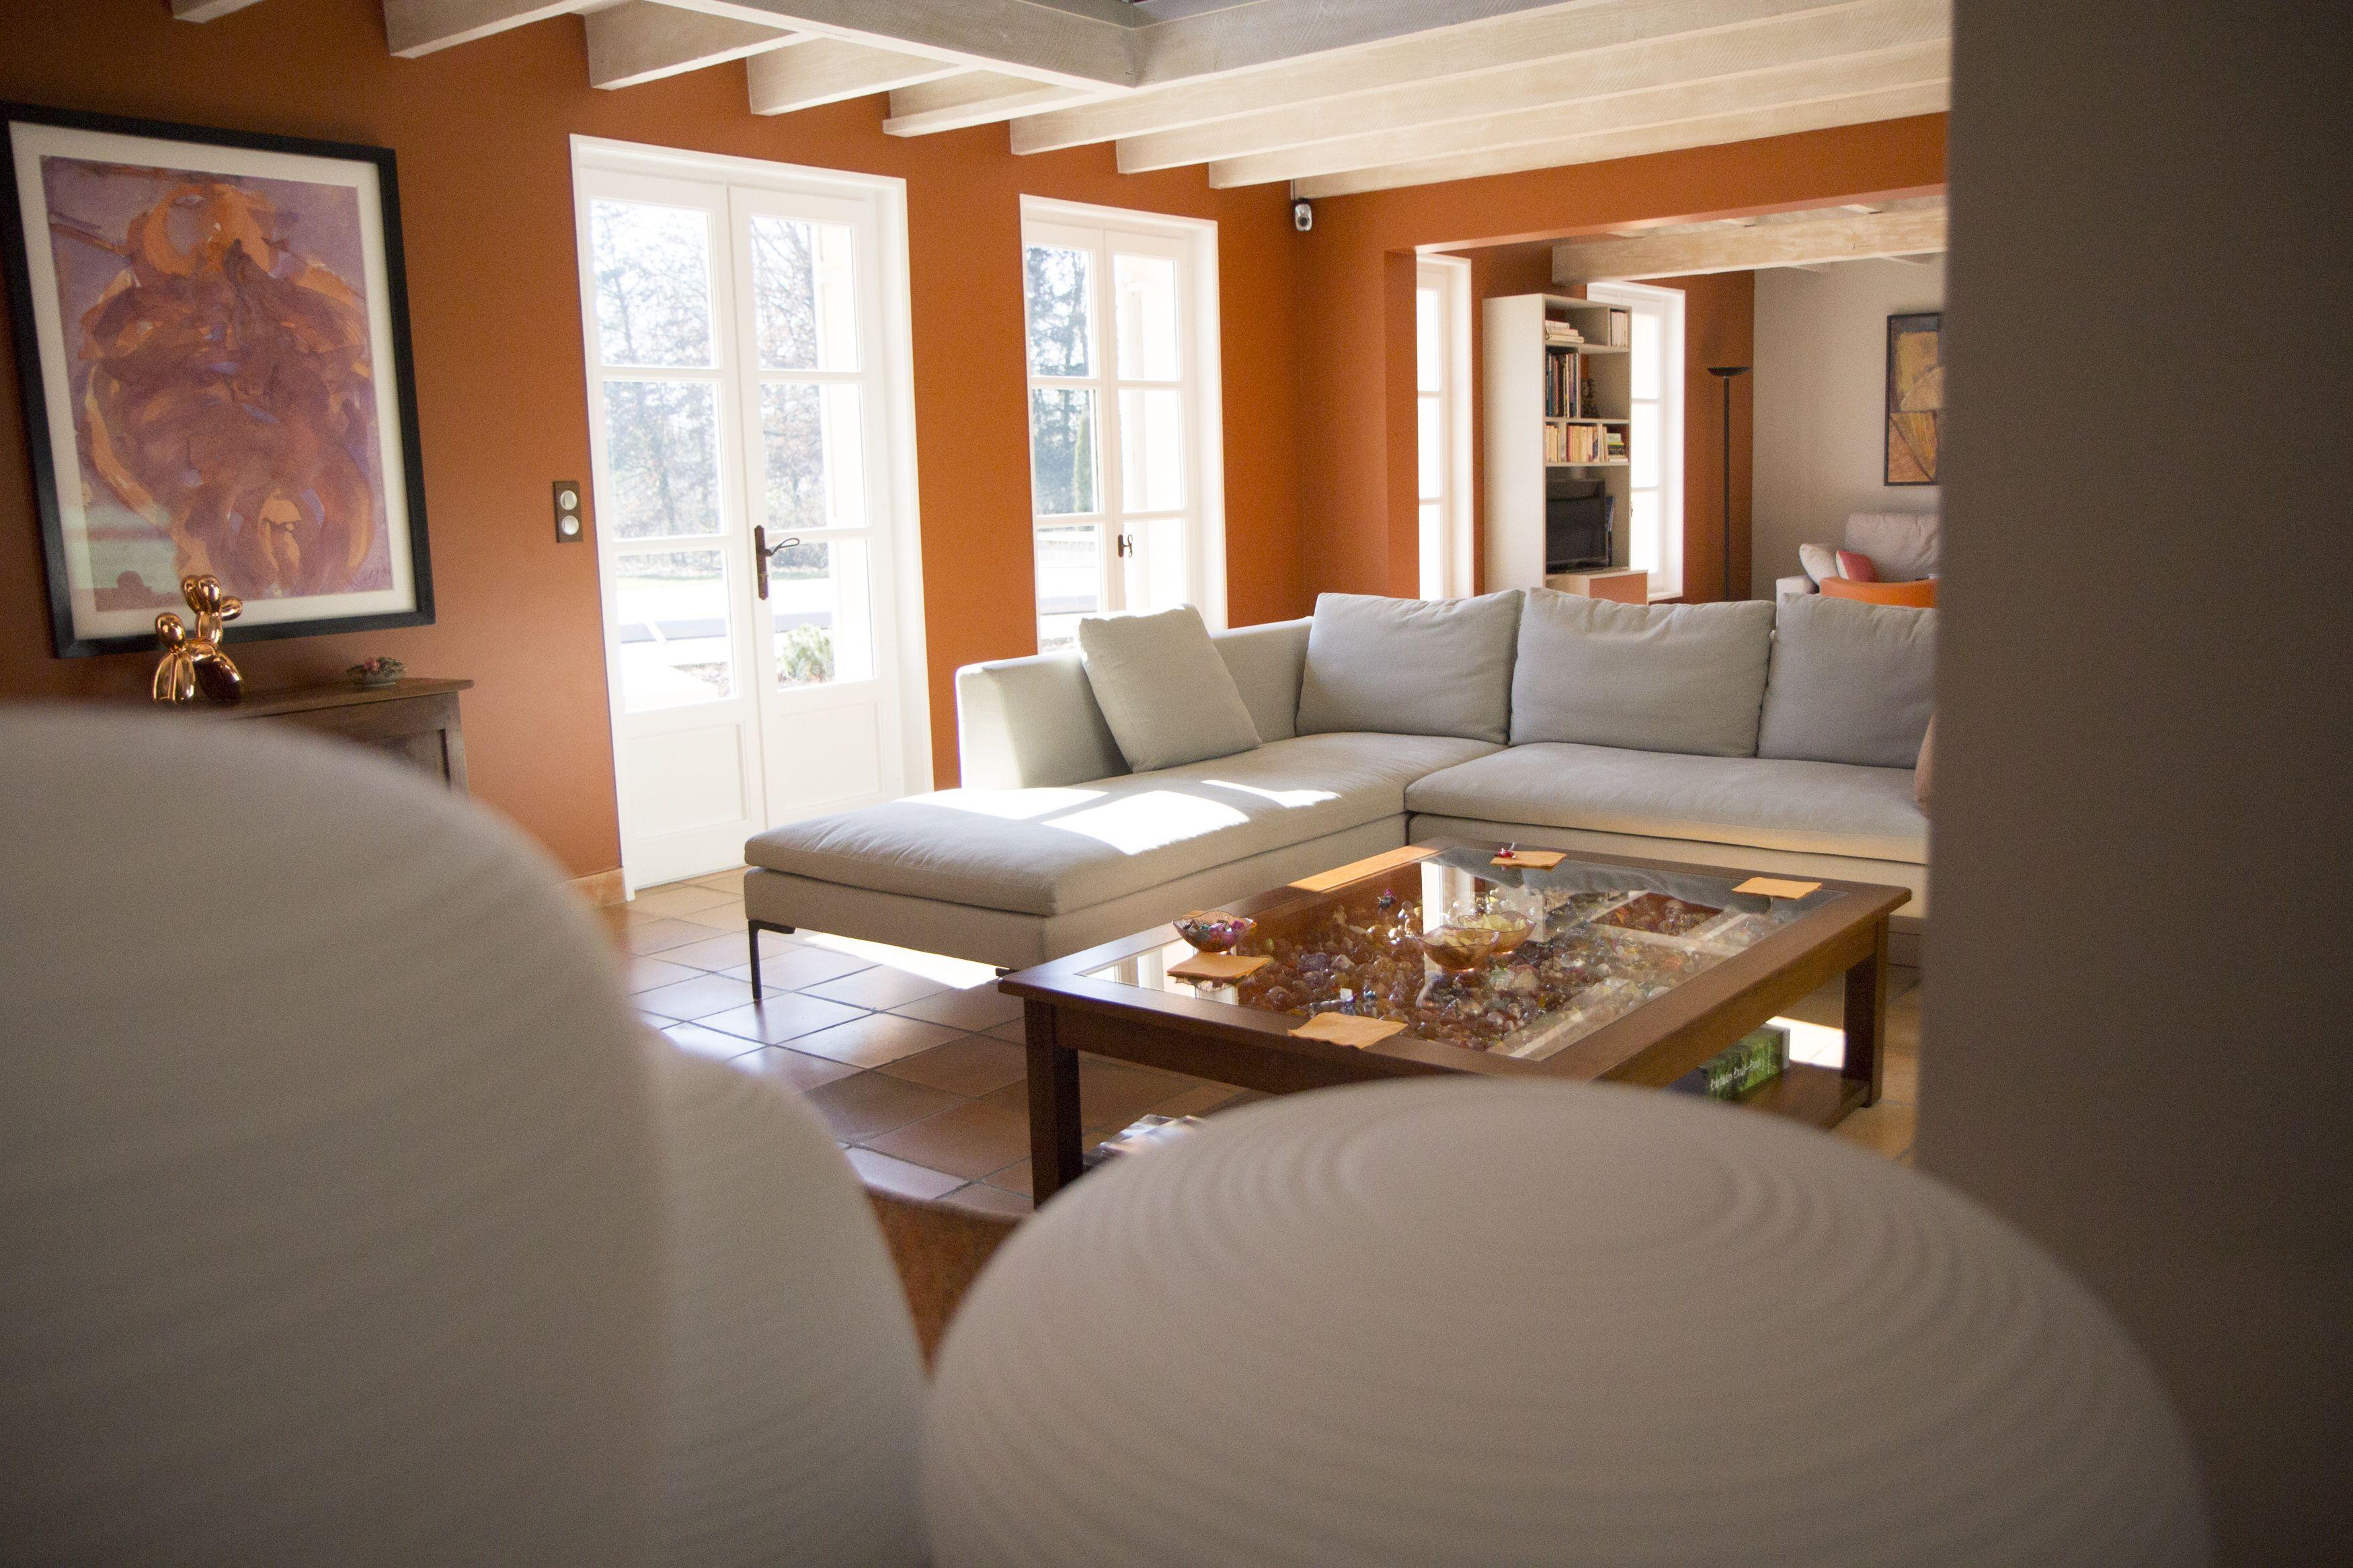 Rénovation décoration salon maison de campagne, poutre, tomette